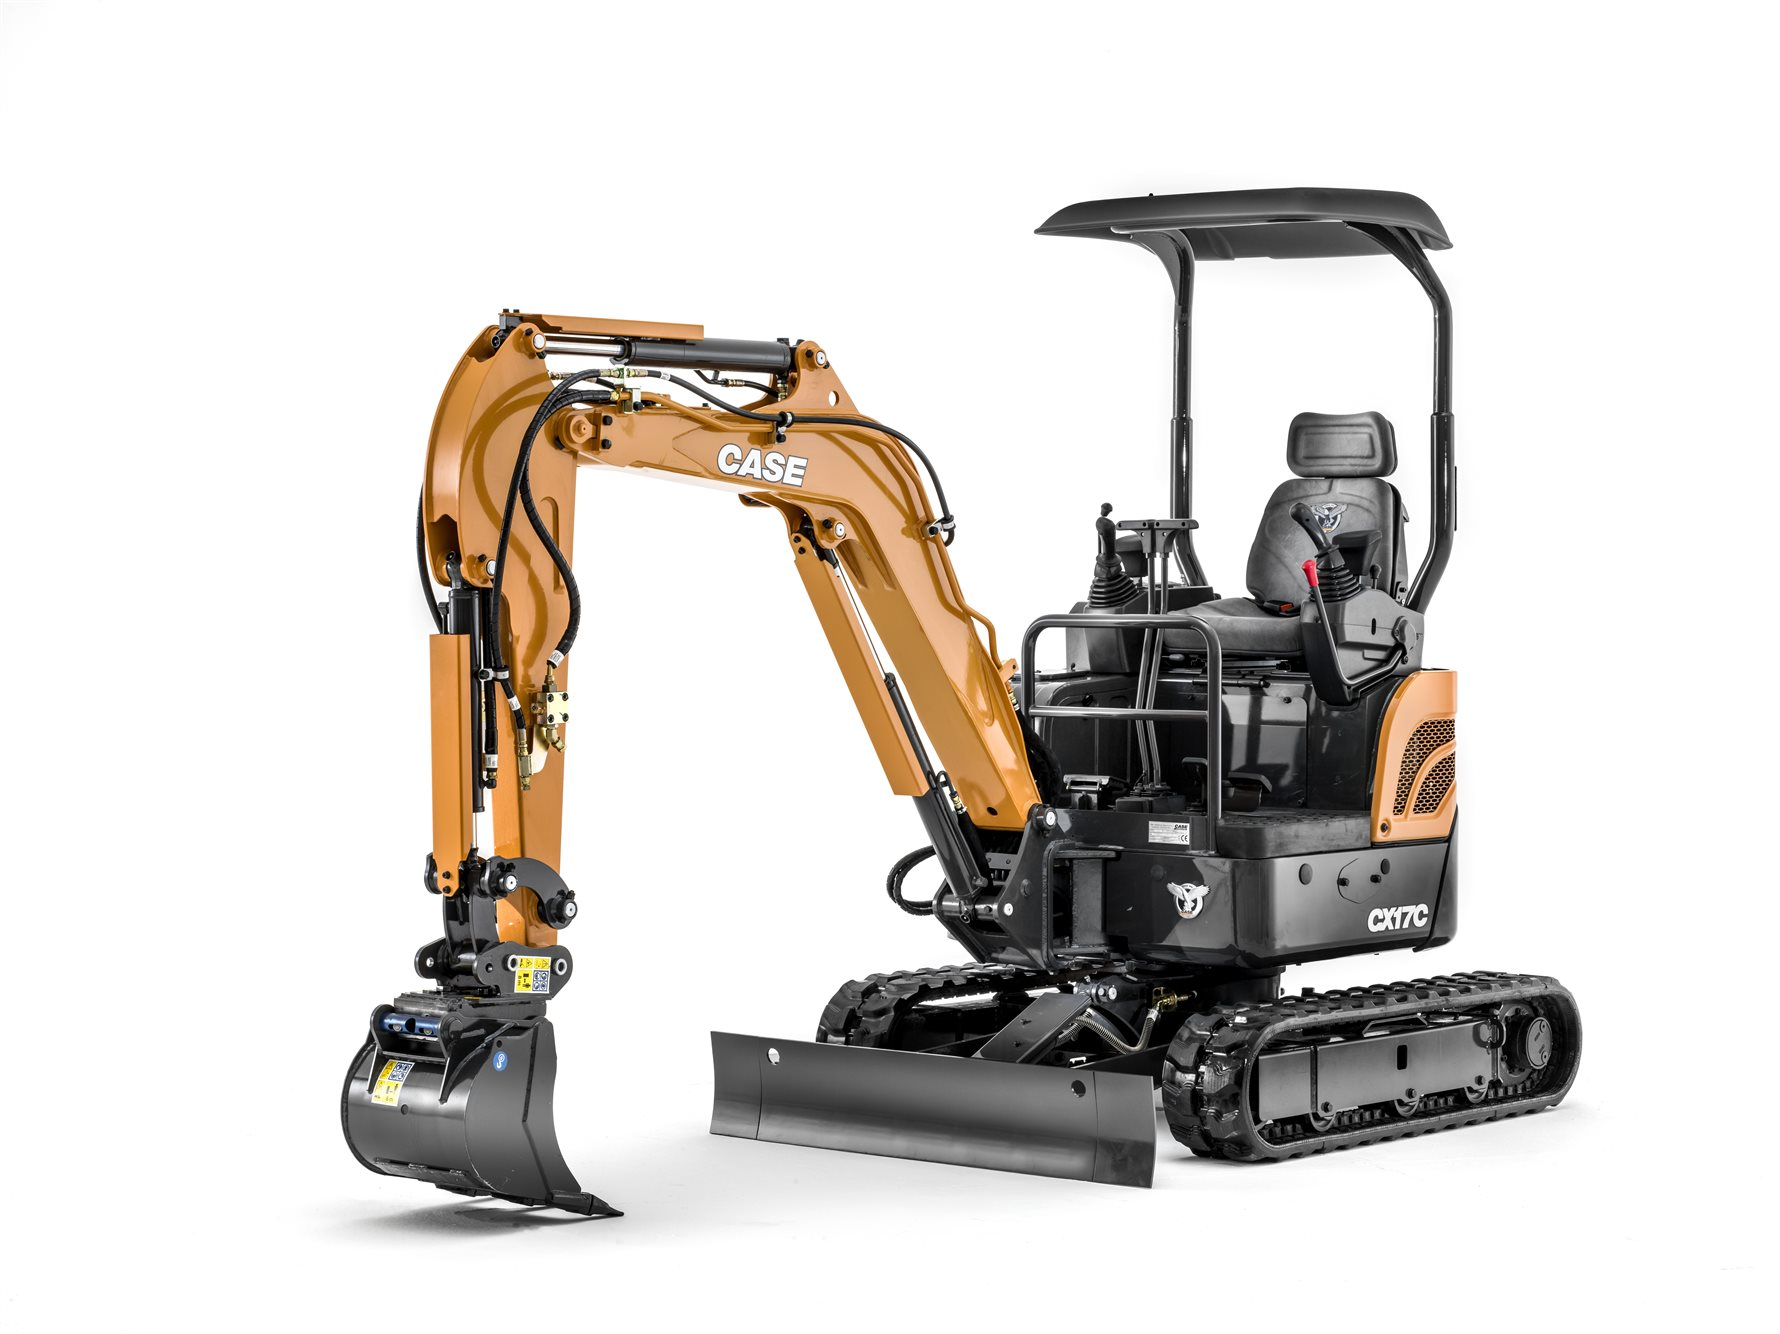 Case CX17C digger excavator